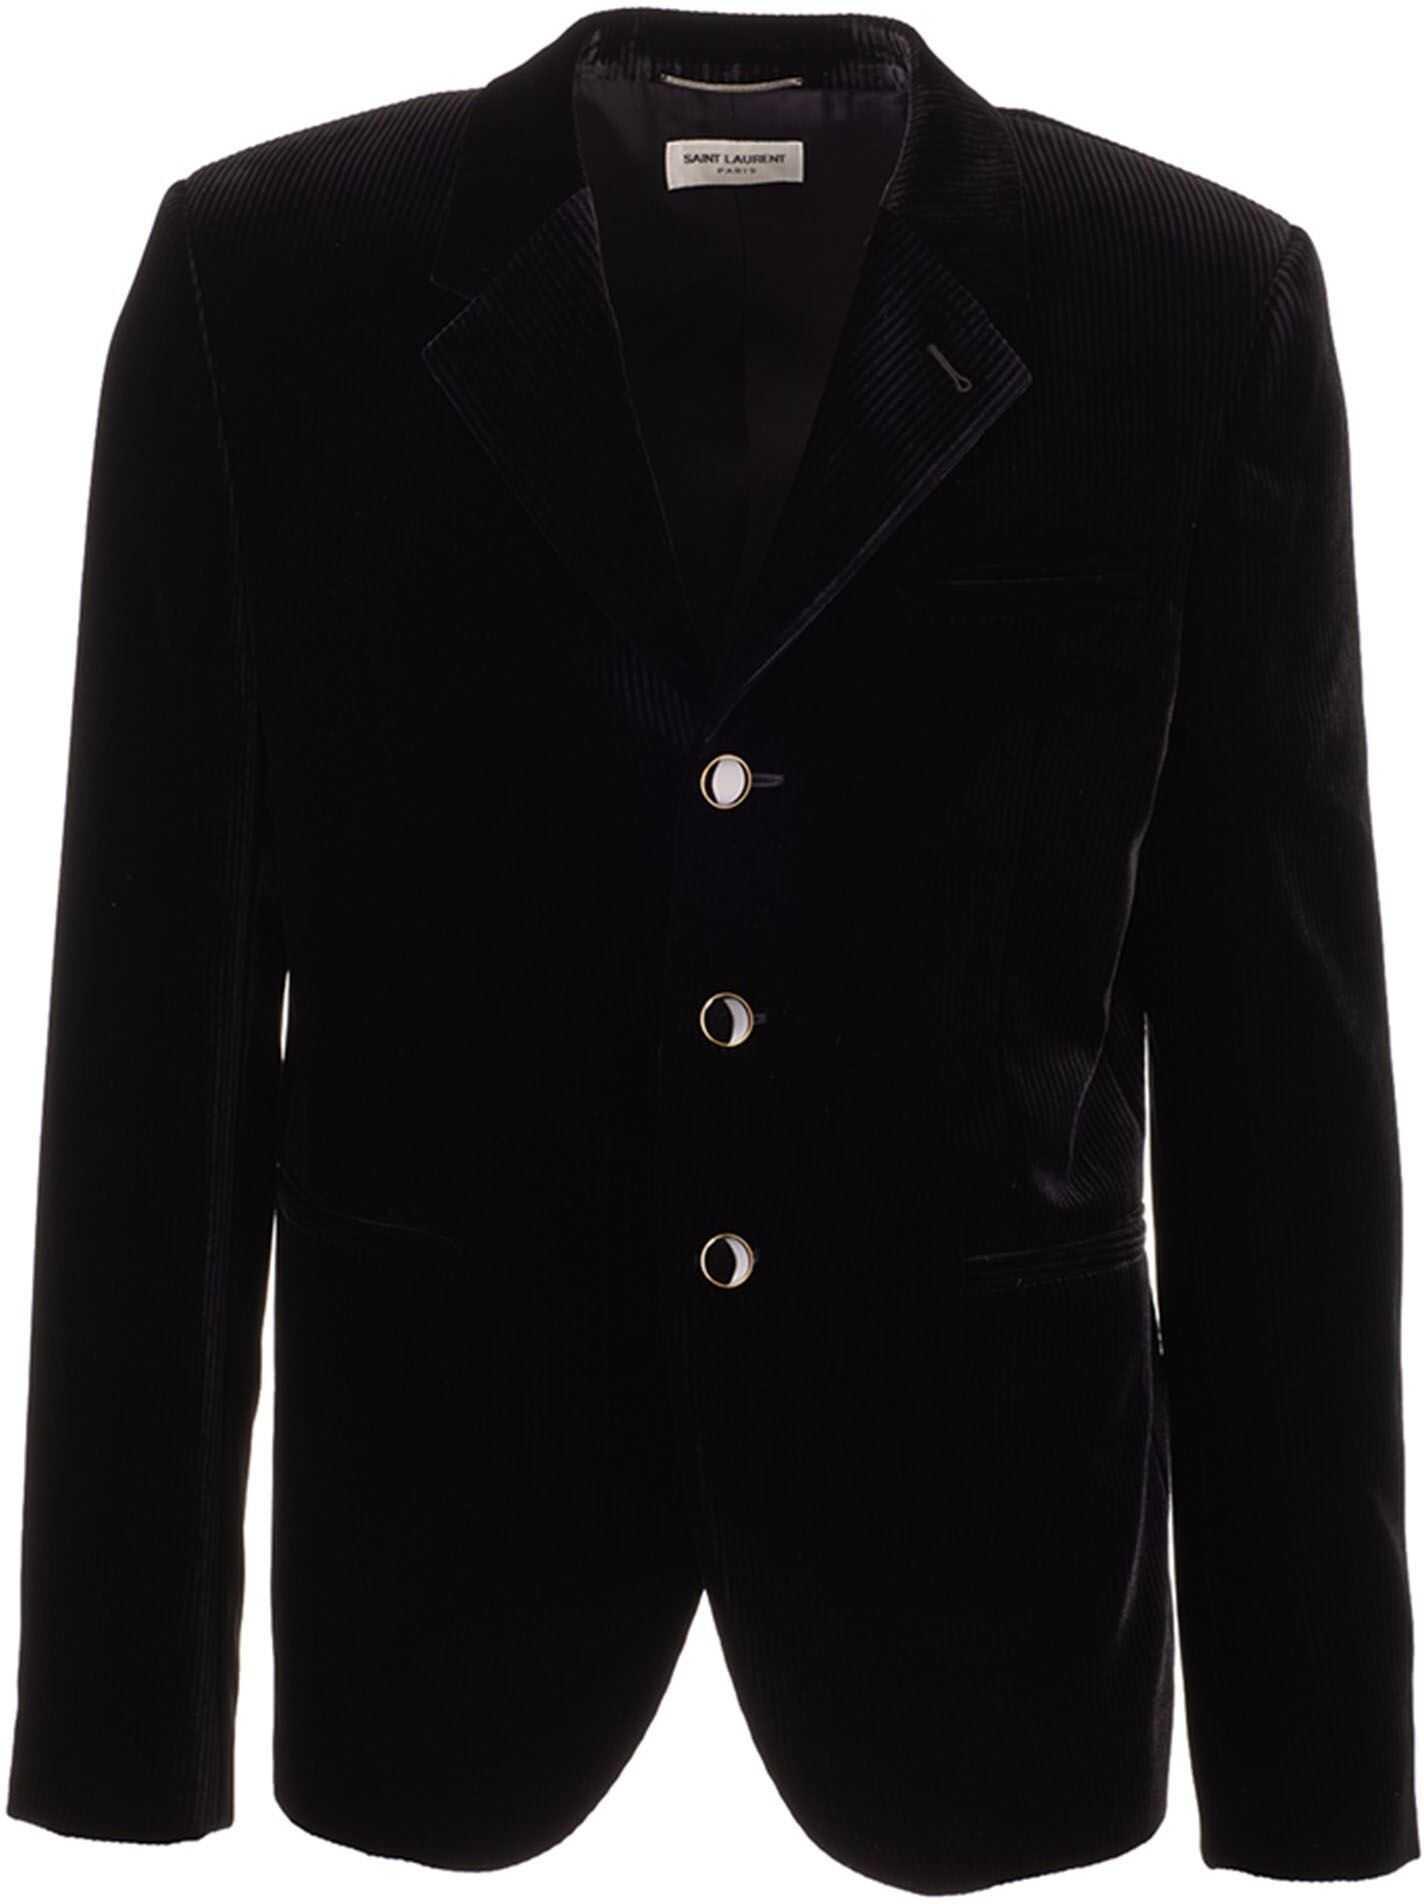 Saint Laurent Single Breasted Velvet Jacket In Black Black imagine